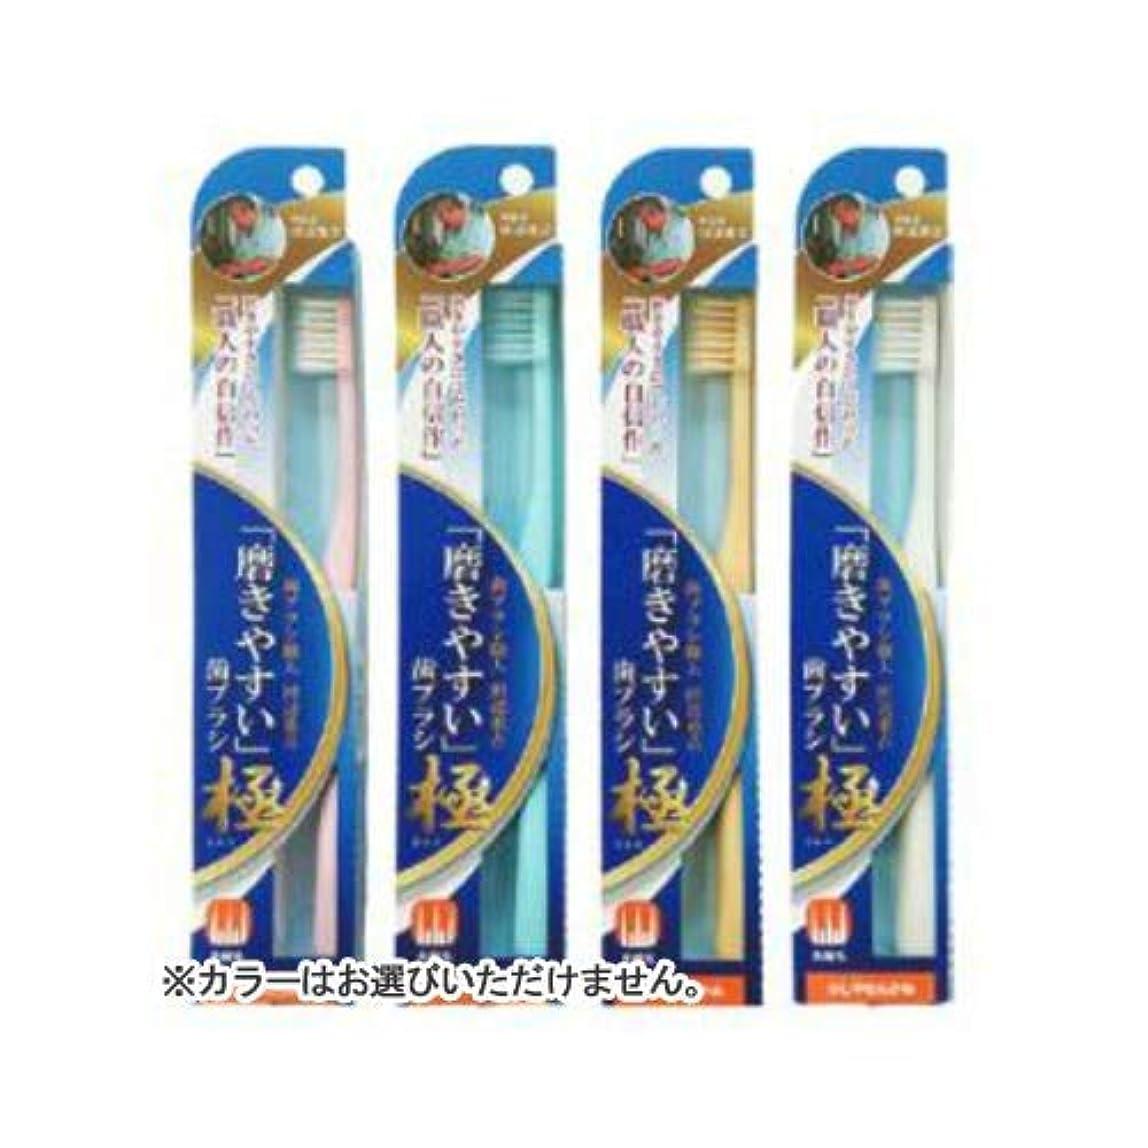 シフト仮装オンLT-43磨きやすい歯ブラシ極 少しやわらかめ × 12個セット